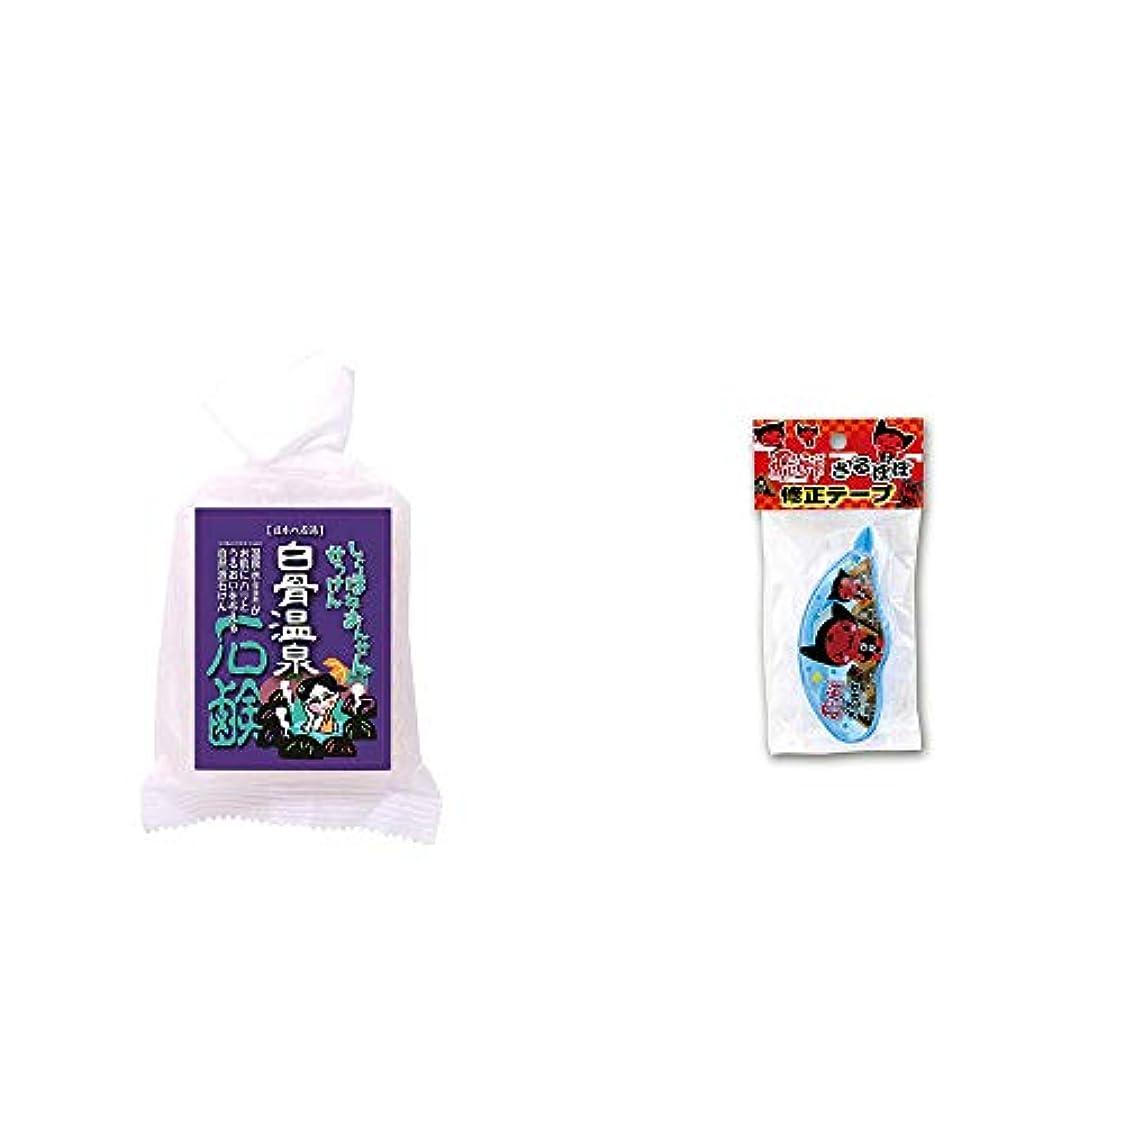 スキルレーダーレーダー[2点セット] 信州 白骨温泉石鹸(80g)?さるぼぼ 修正テープ【ピンク】